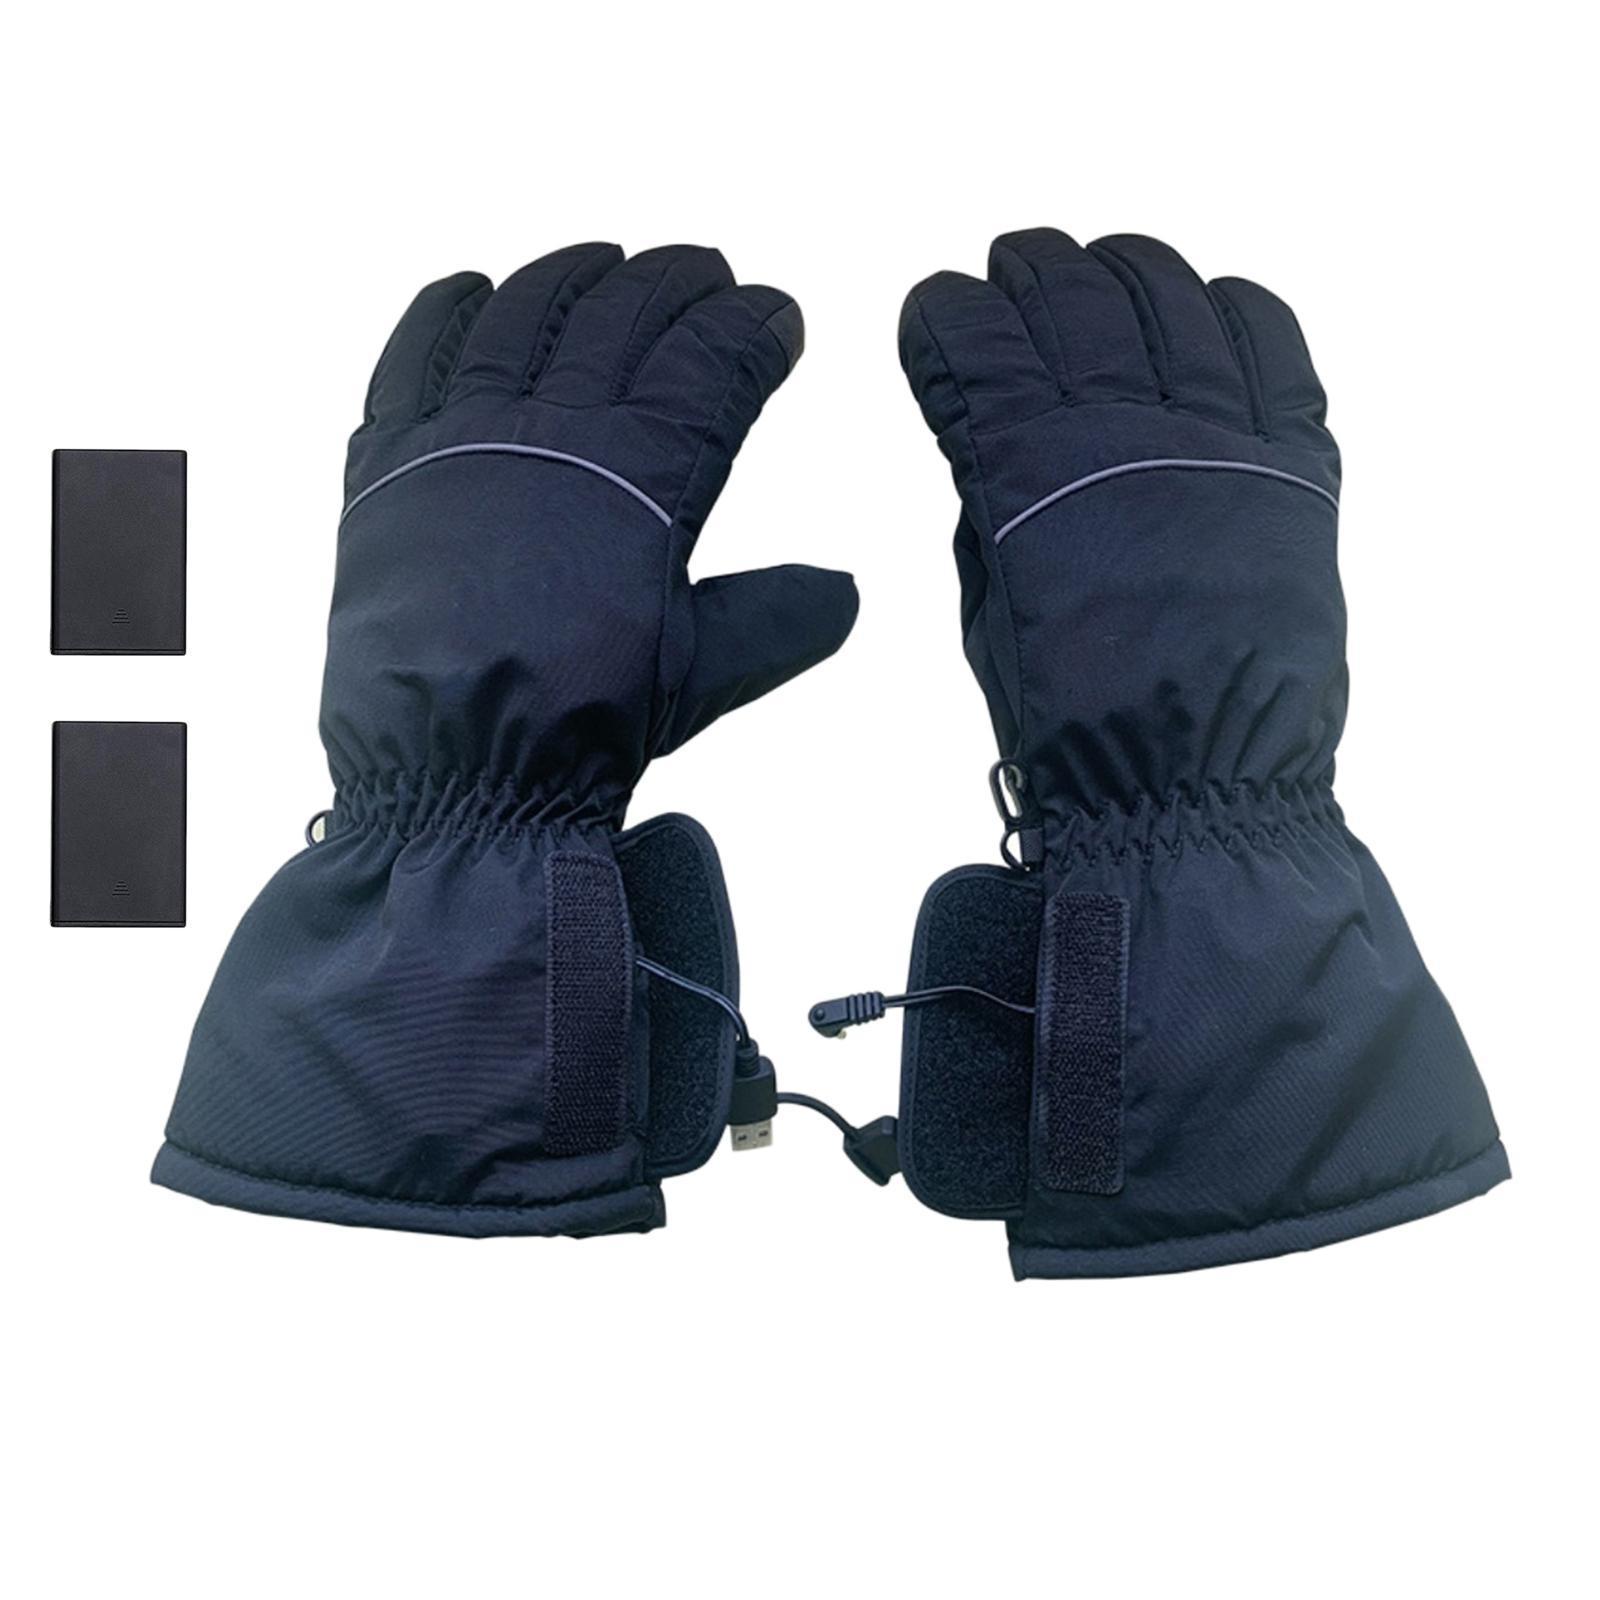 Indexbild 5 - Motorrad Elektrische Beheizte Handschuhe Akku Warme Handschuh Wind